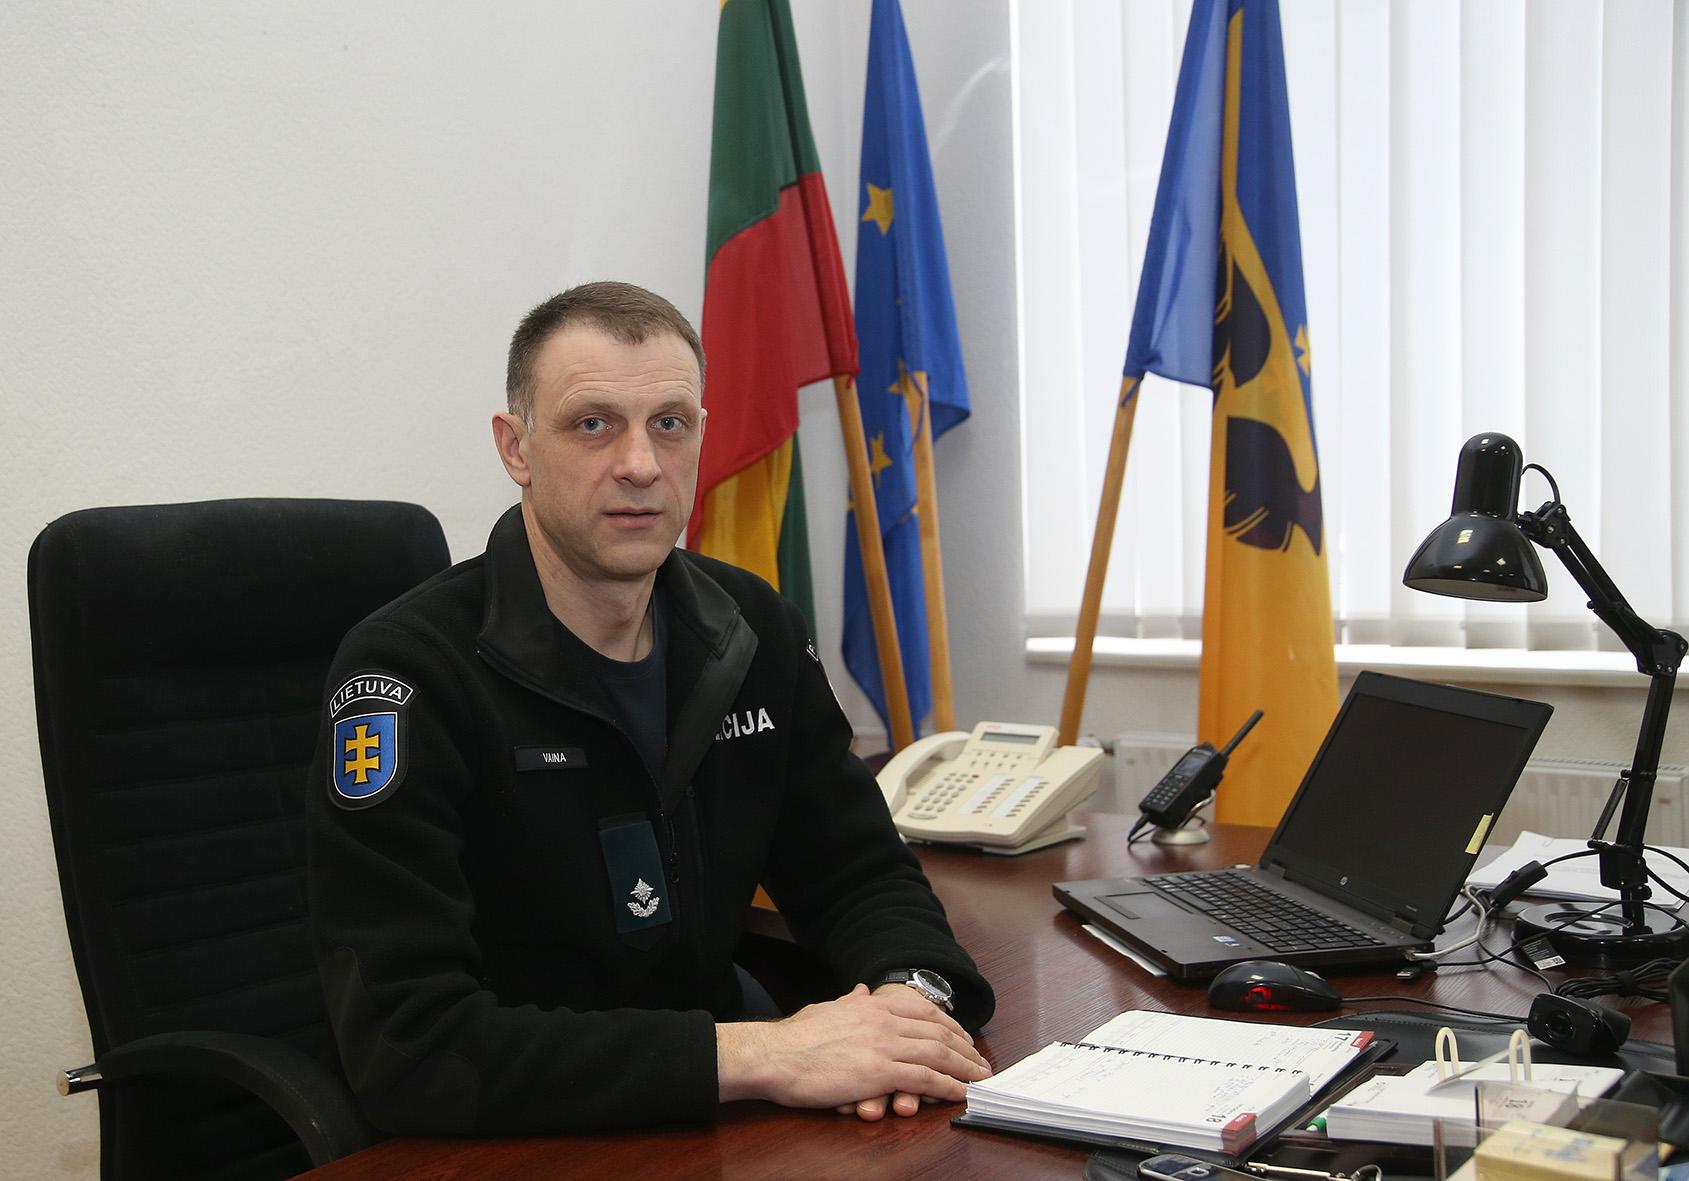 Kėdainių rajono policijos komisariato viršininkas Alvydas Vaina pažymėjo, kad senolės paieška vykdoma ne tik Kėdainių rajone, bet ir visoje Lietuvoje. / A. Barzdžiaus nuotr.